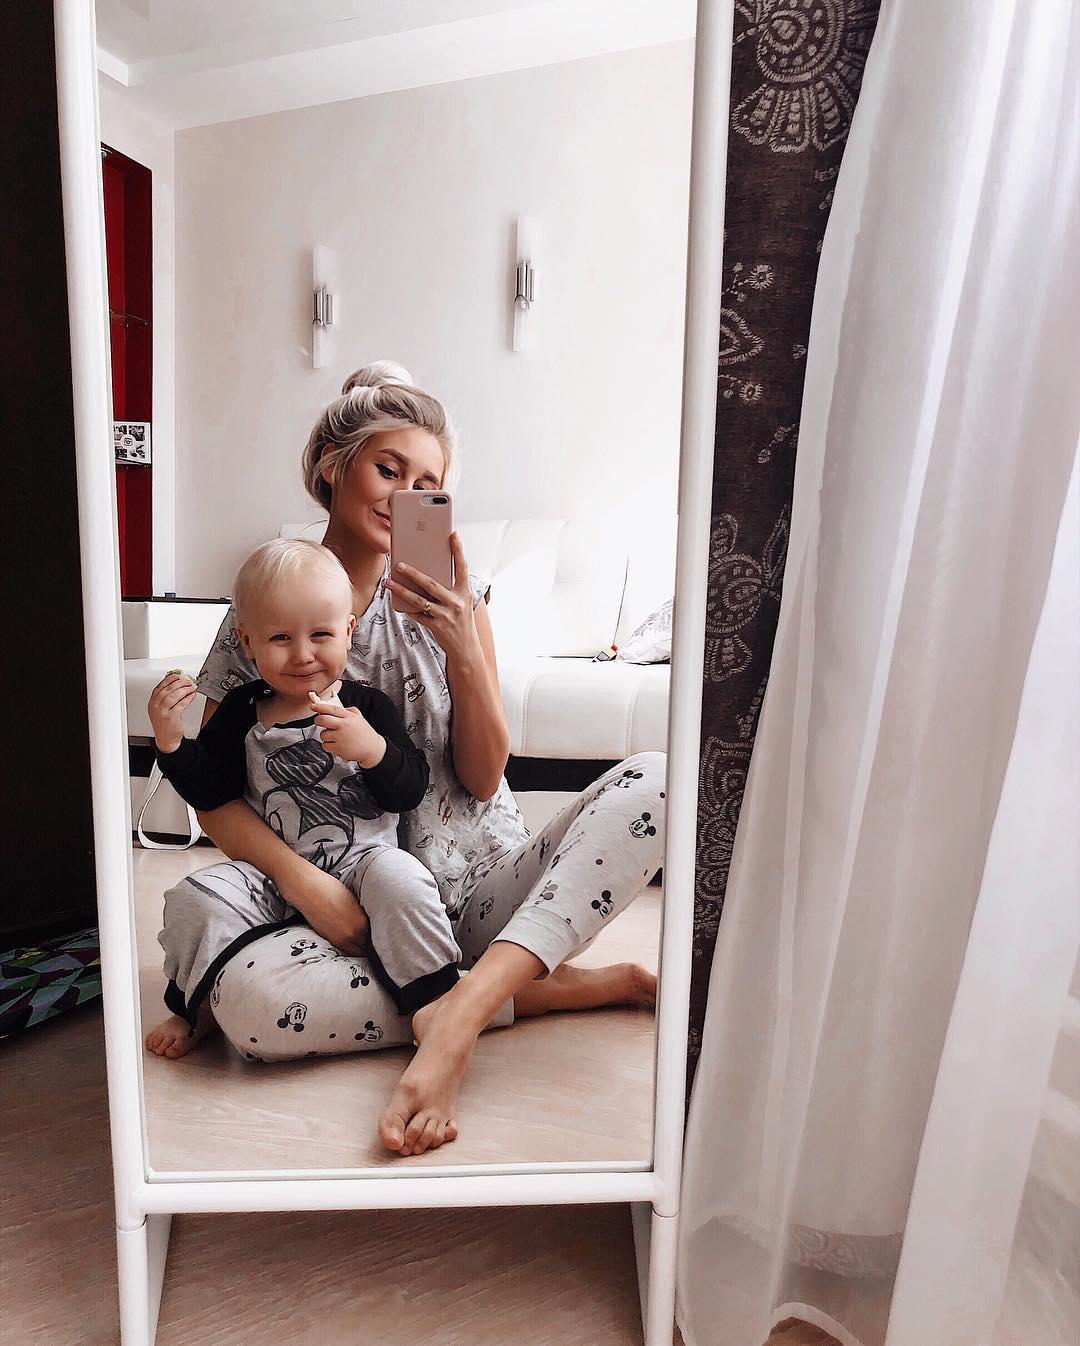 Сейчас Лиза не работает, занимается воспитанием ребёнка, хочет освоить фотографию